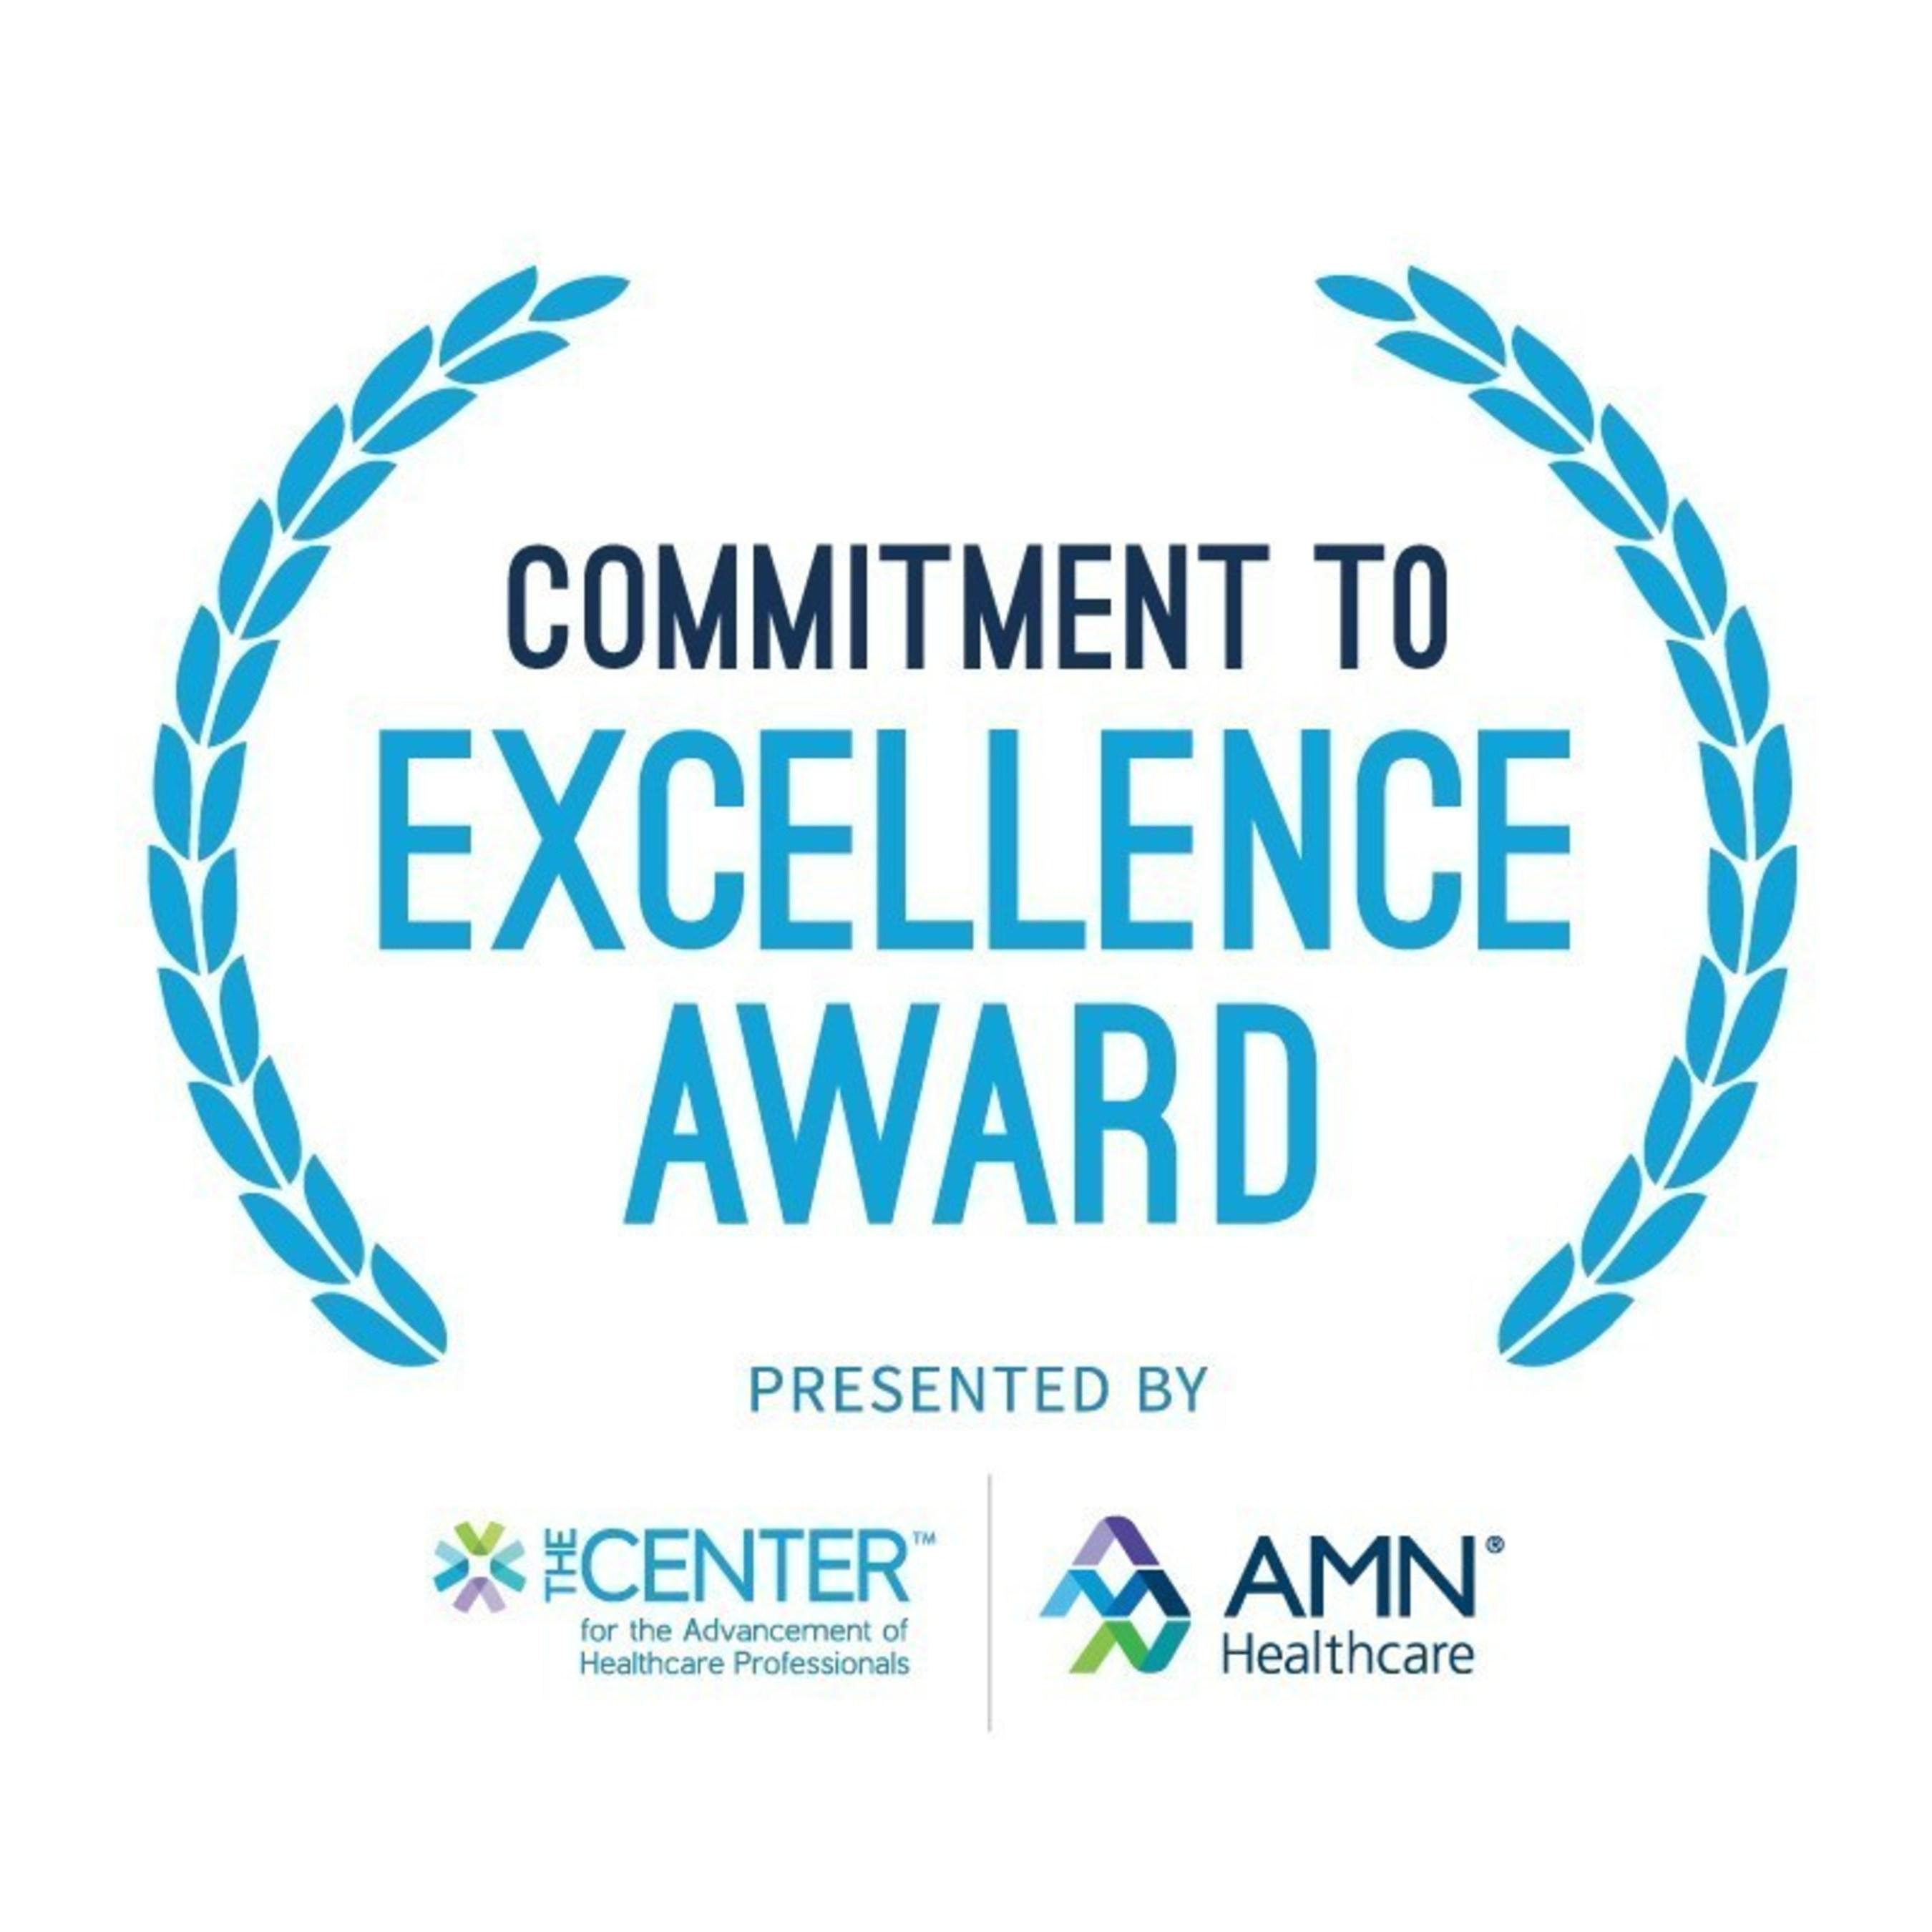 National Nurses Week: Excellence Awards Affirm Value of